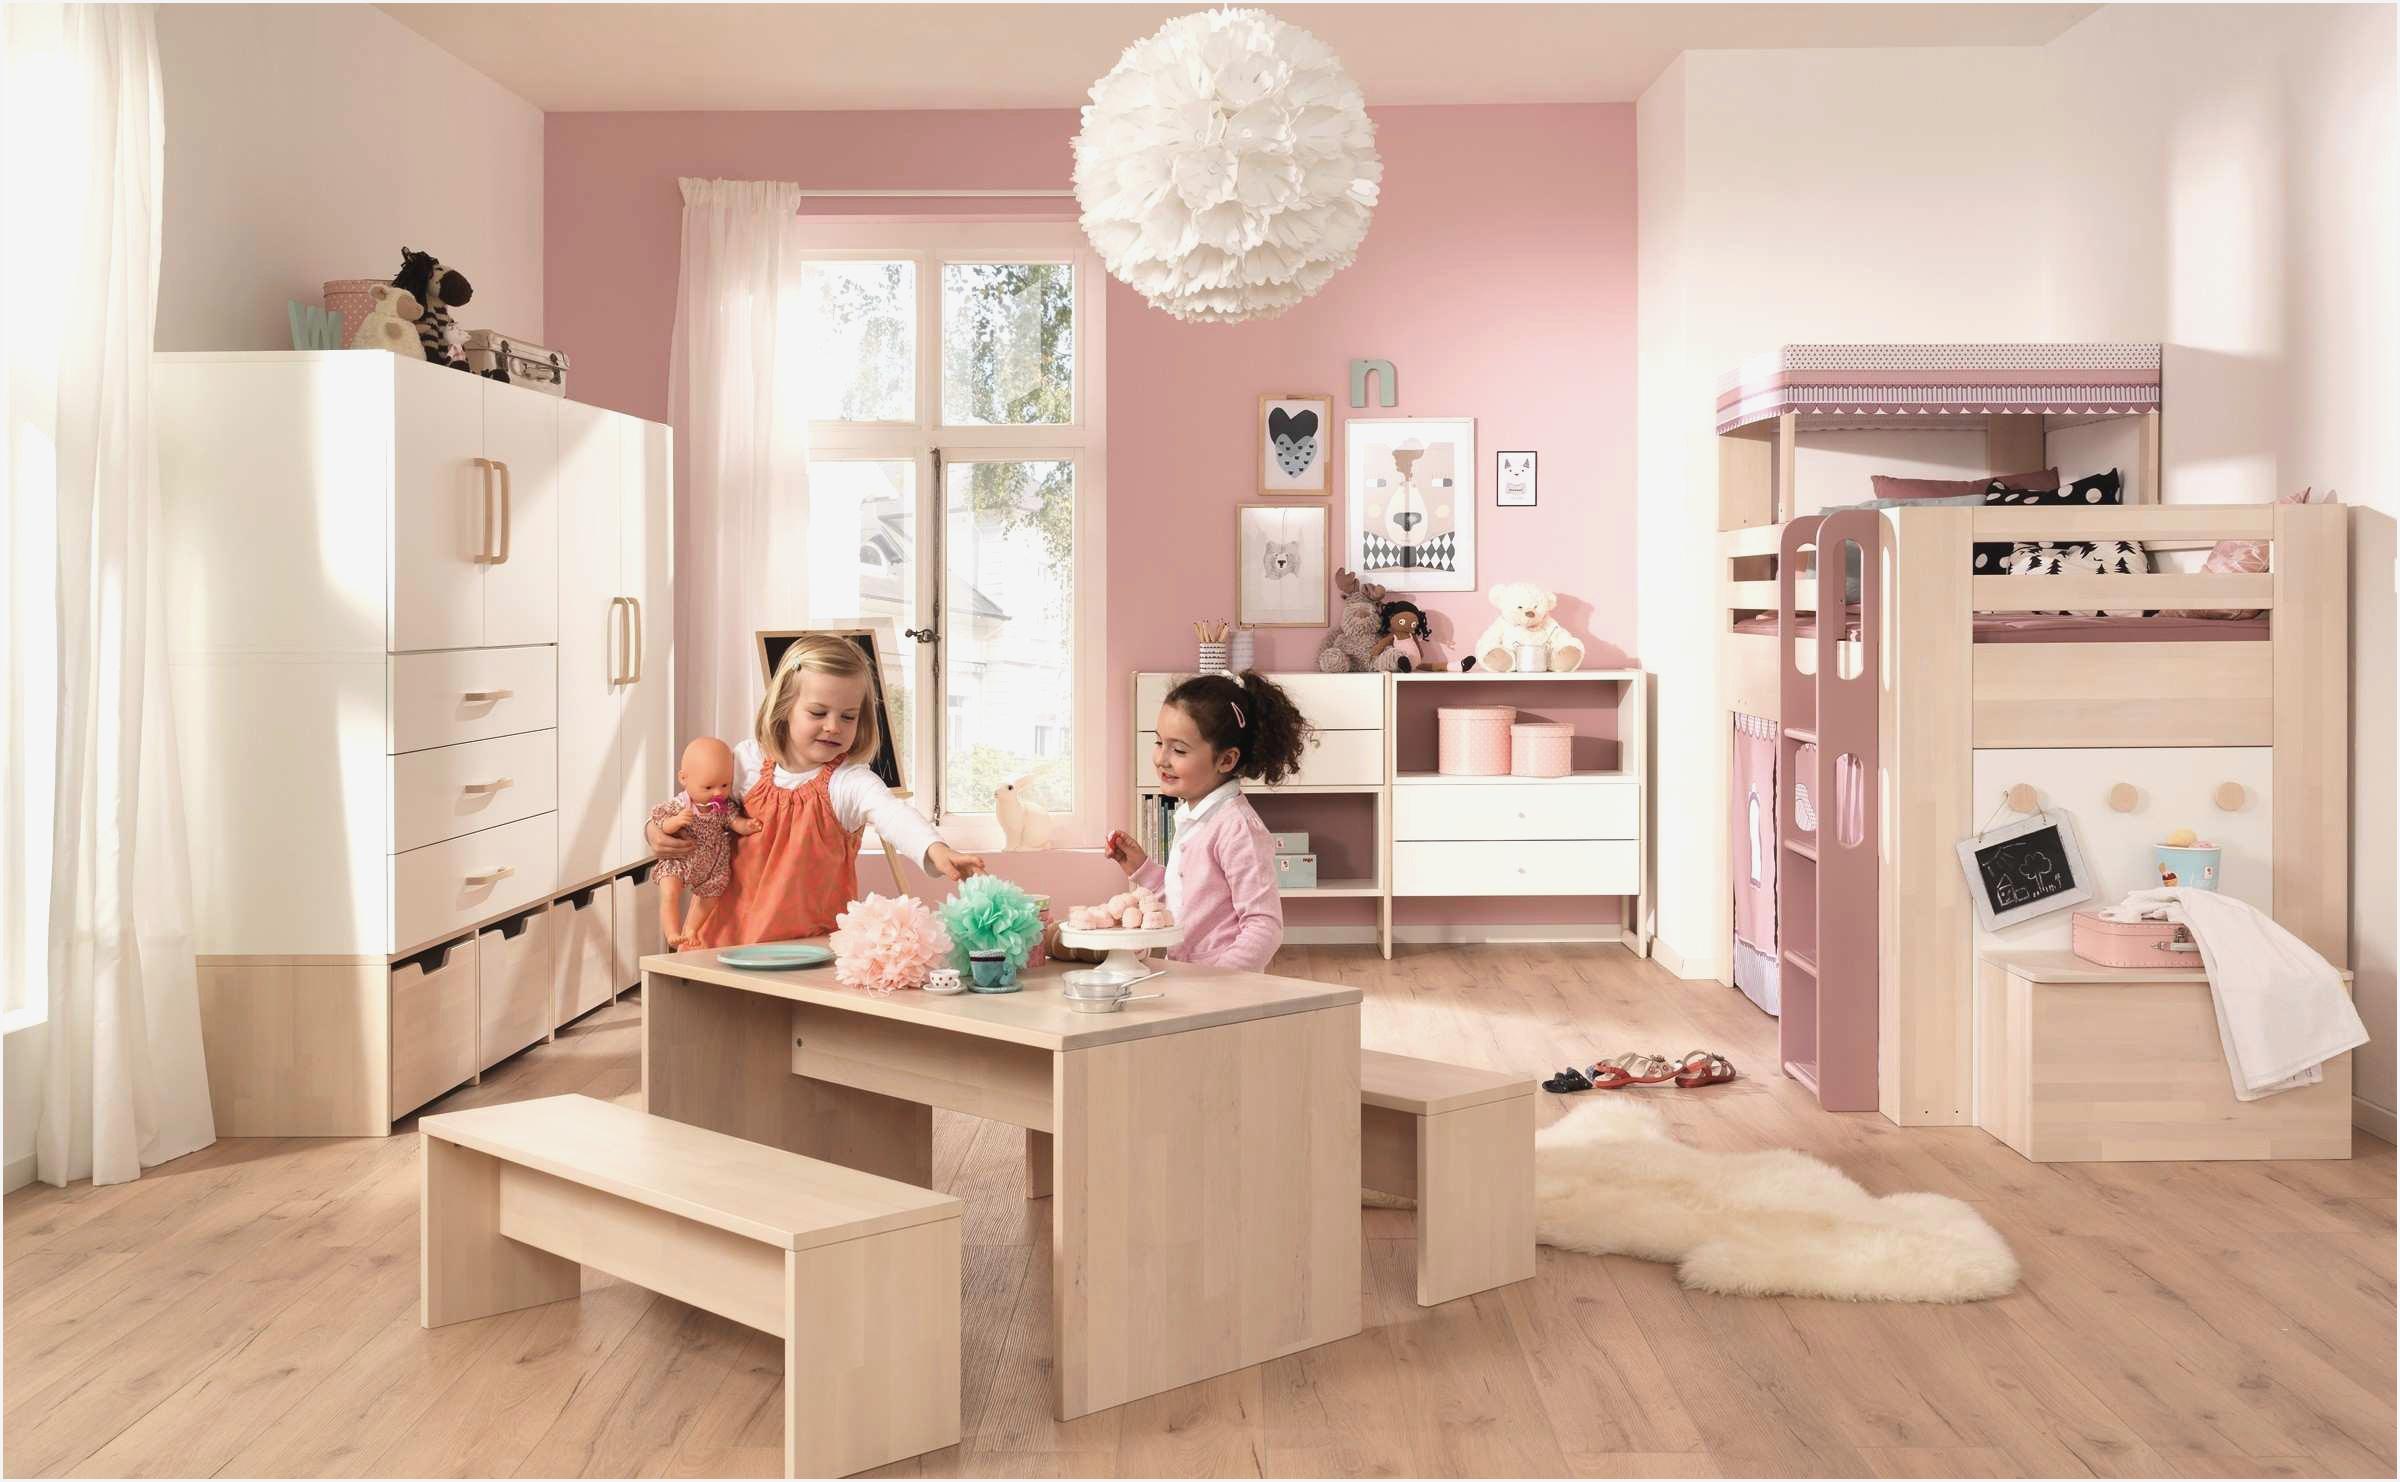 Full Size of Kinderzimmer Prinzessin Wandtattoo Mdchen Regal Prinzessinen Bett Weiß Regale Sofa Kinderzimmer Kinderzimmer Prinzessin